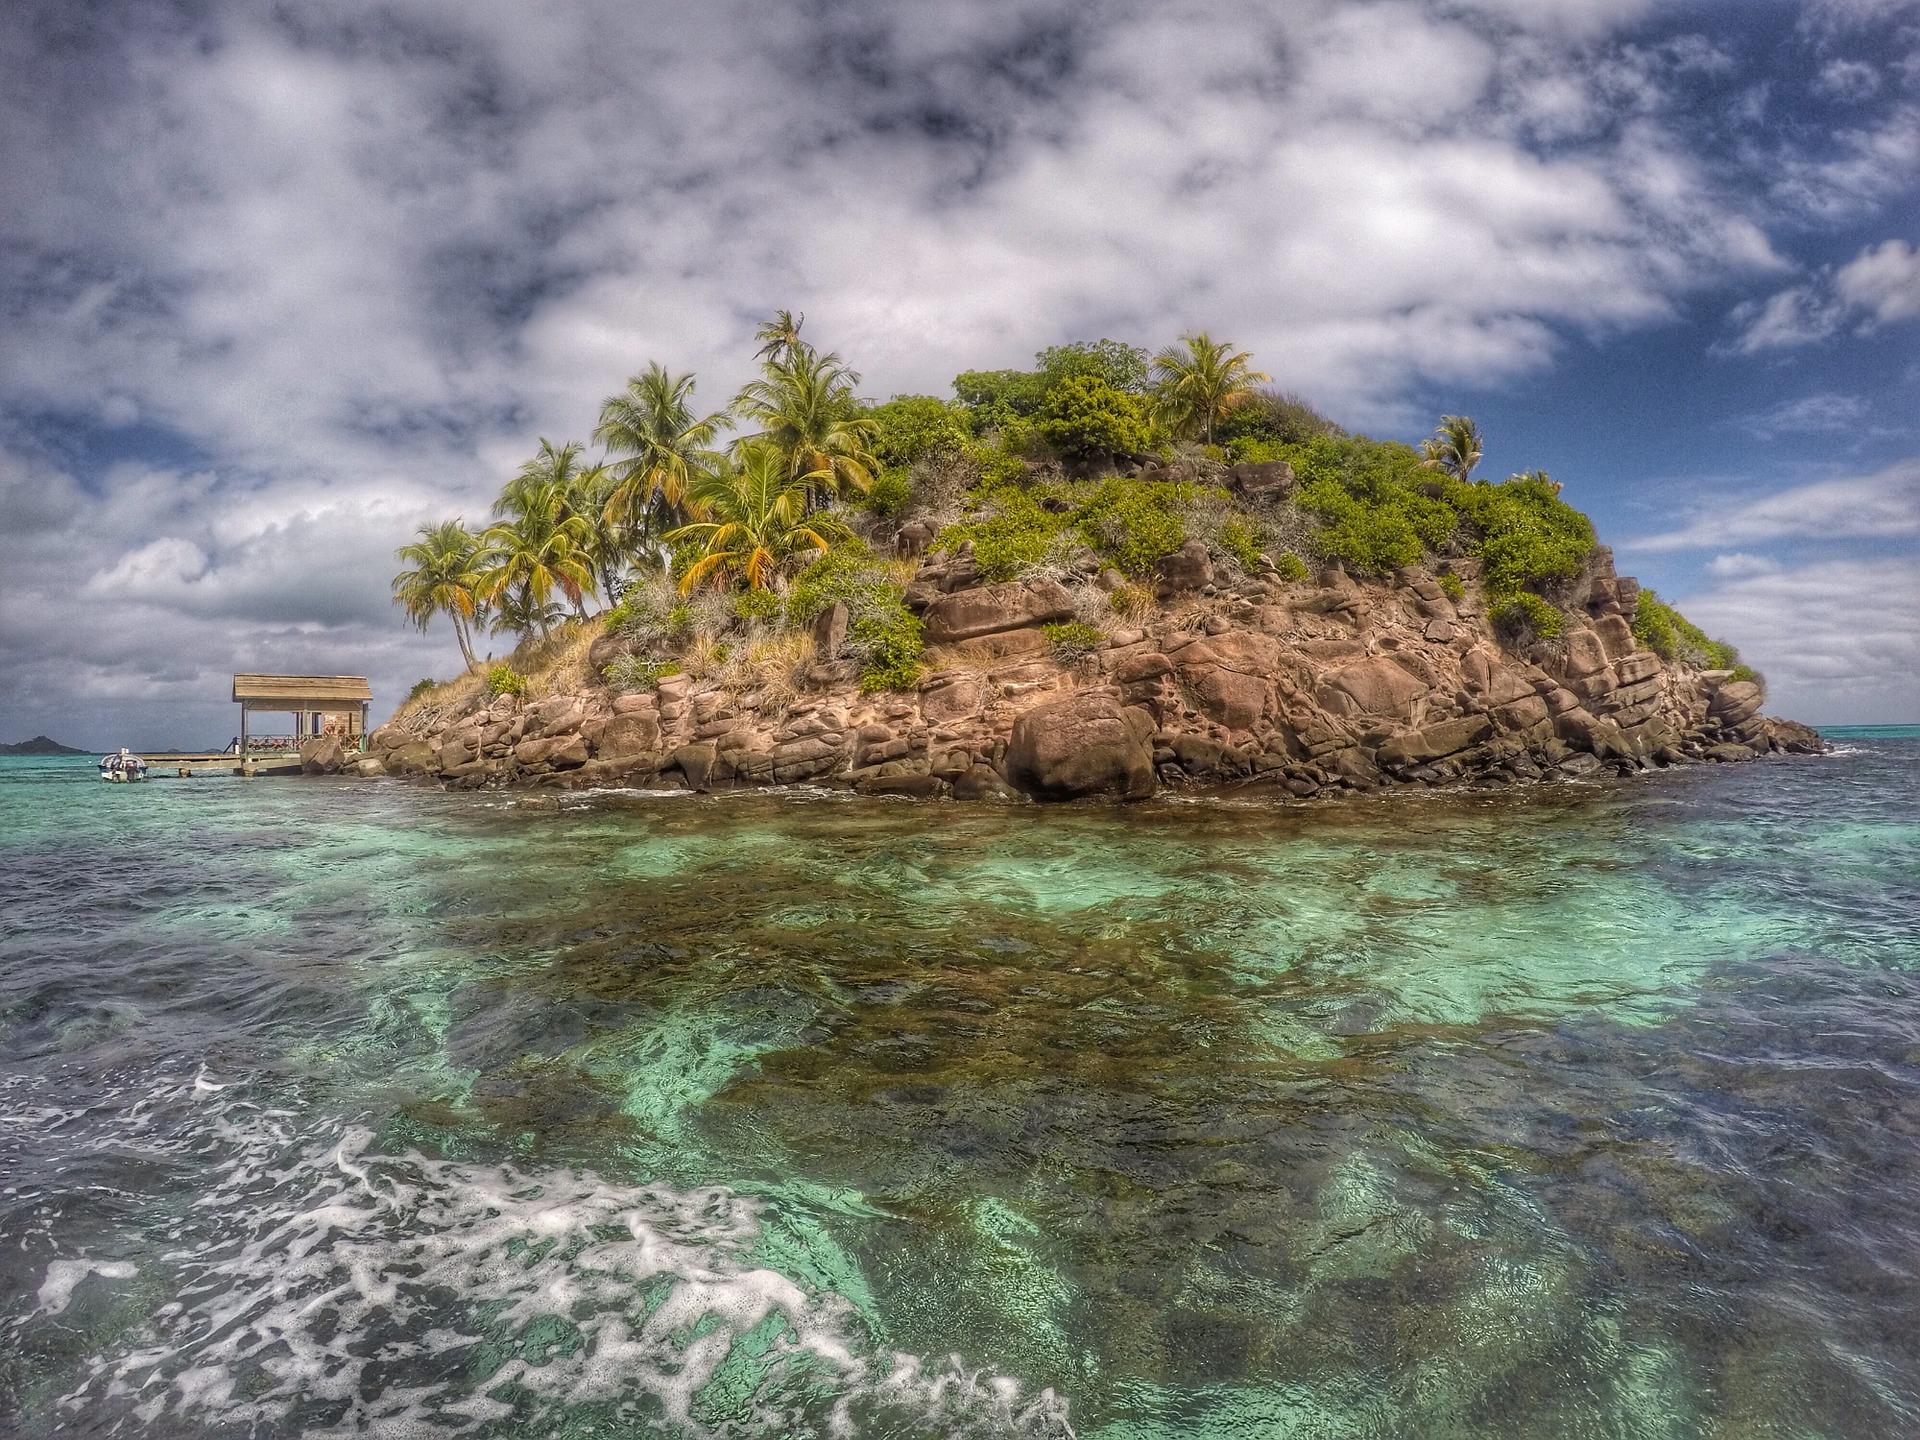 bahamas pixabay musha-cay-1209567_1920